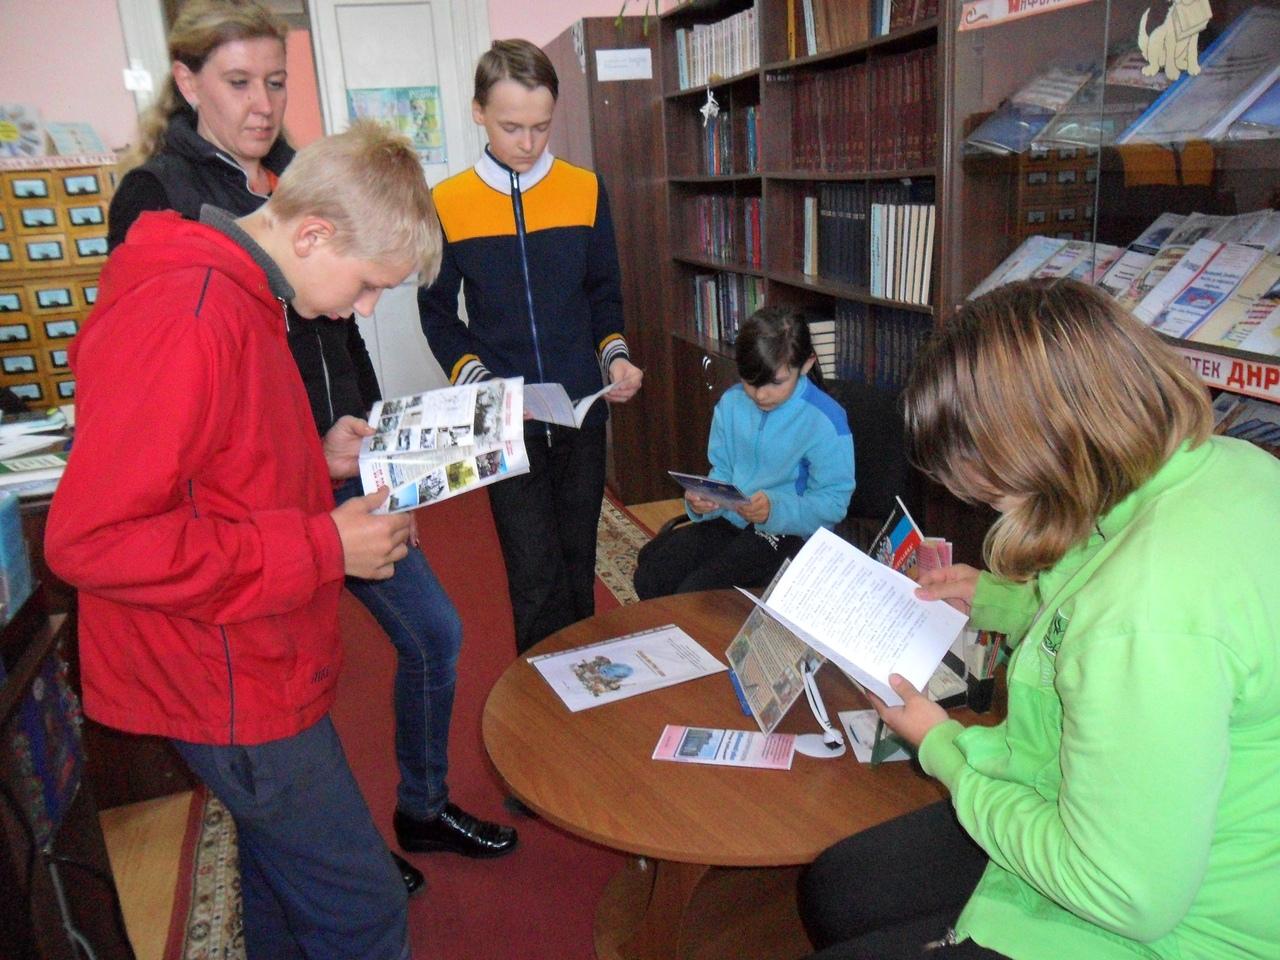 динамическое чтение, библиографический урок, отдел справочно-библиографического и информационного обслуживания, донецкая республиканская библиотека для детей